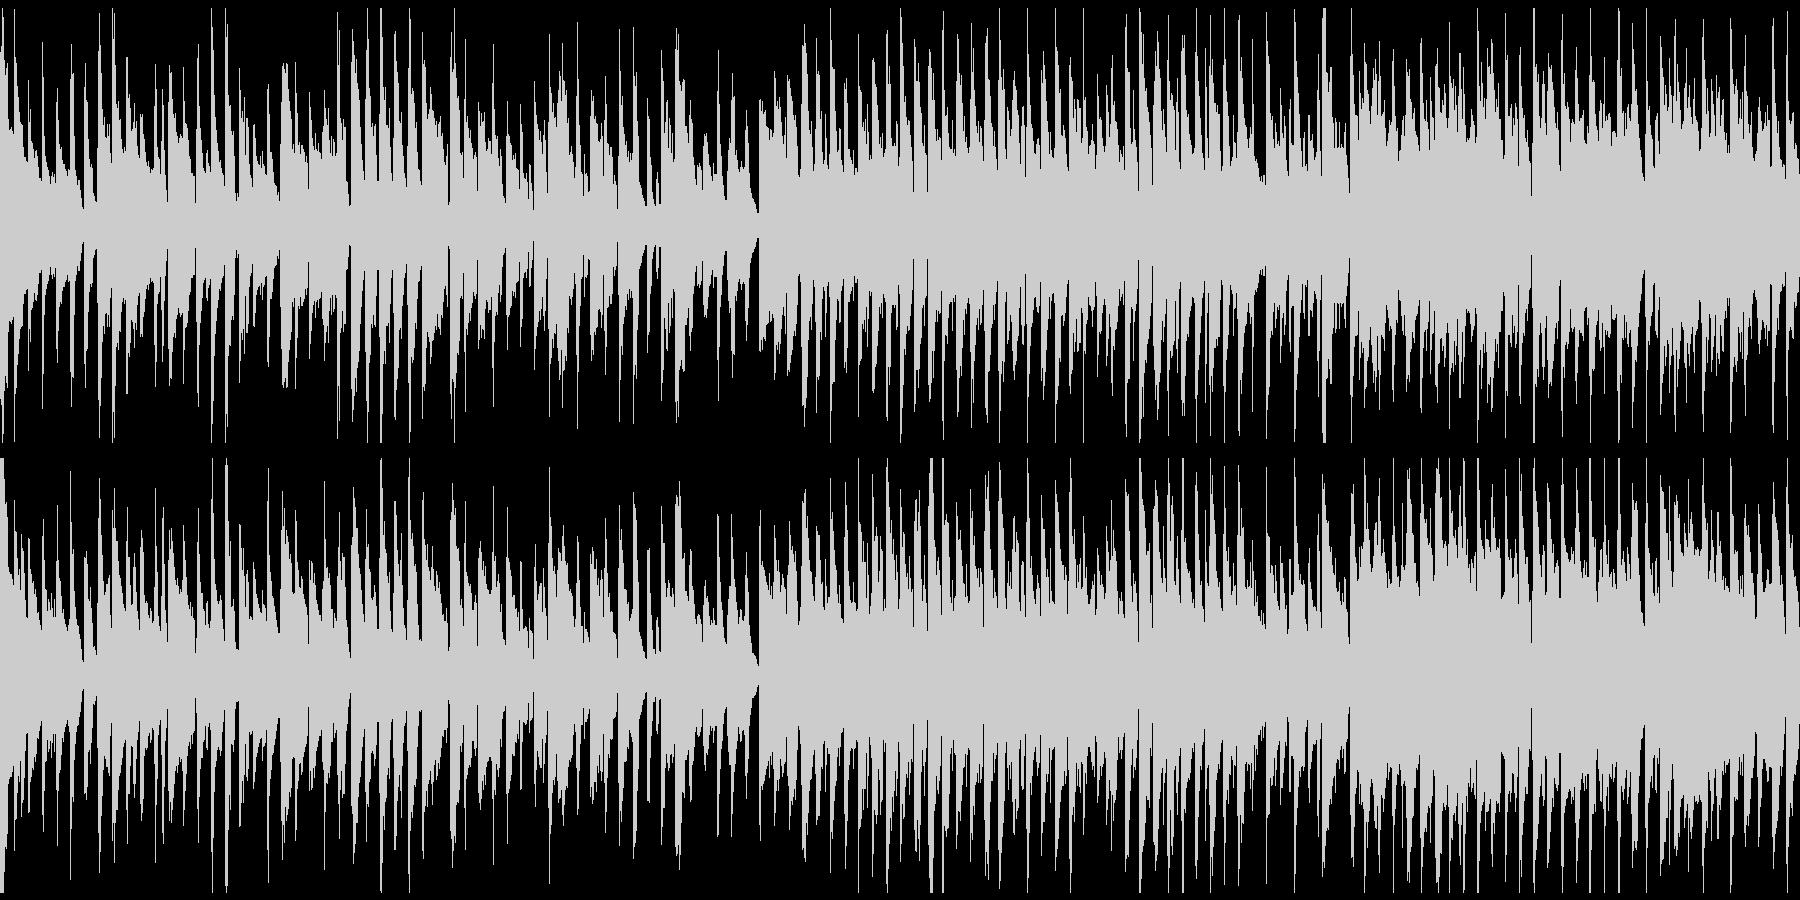 マヌケな雰囲気の脱力リコーダー※ループ版の未再生の波形